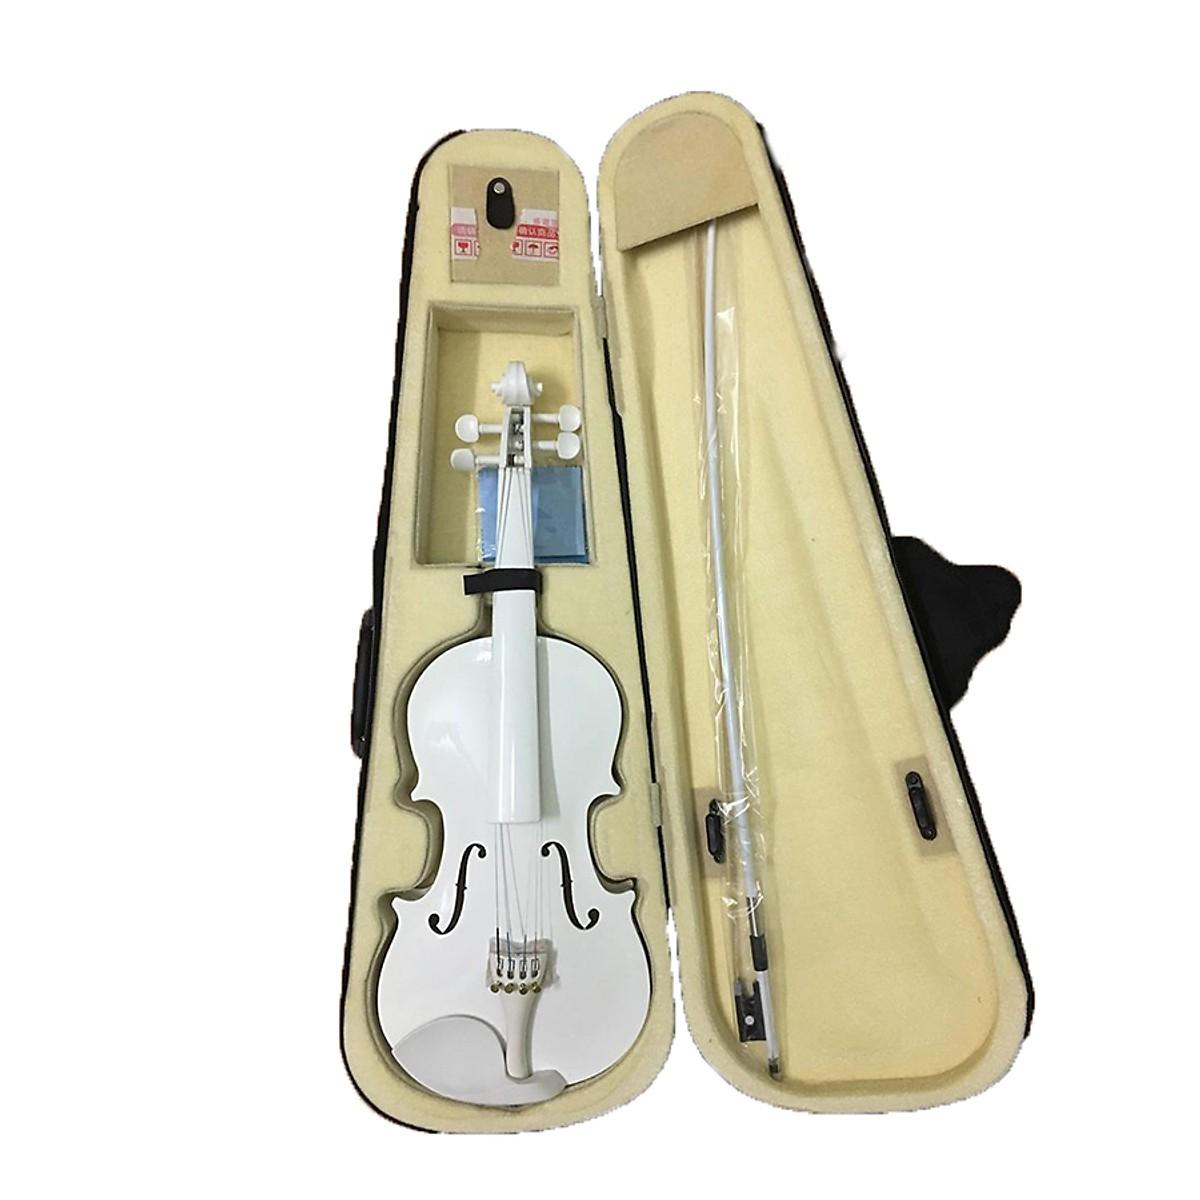 Đàn Violin ( Vĩ Cầm ) Cao Cấp Size 4/4 Gỗ Nhám (full Phụ Kiện ) - HÀNG CÓ SẴN Có Giá Ưu Đãi